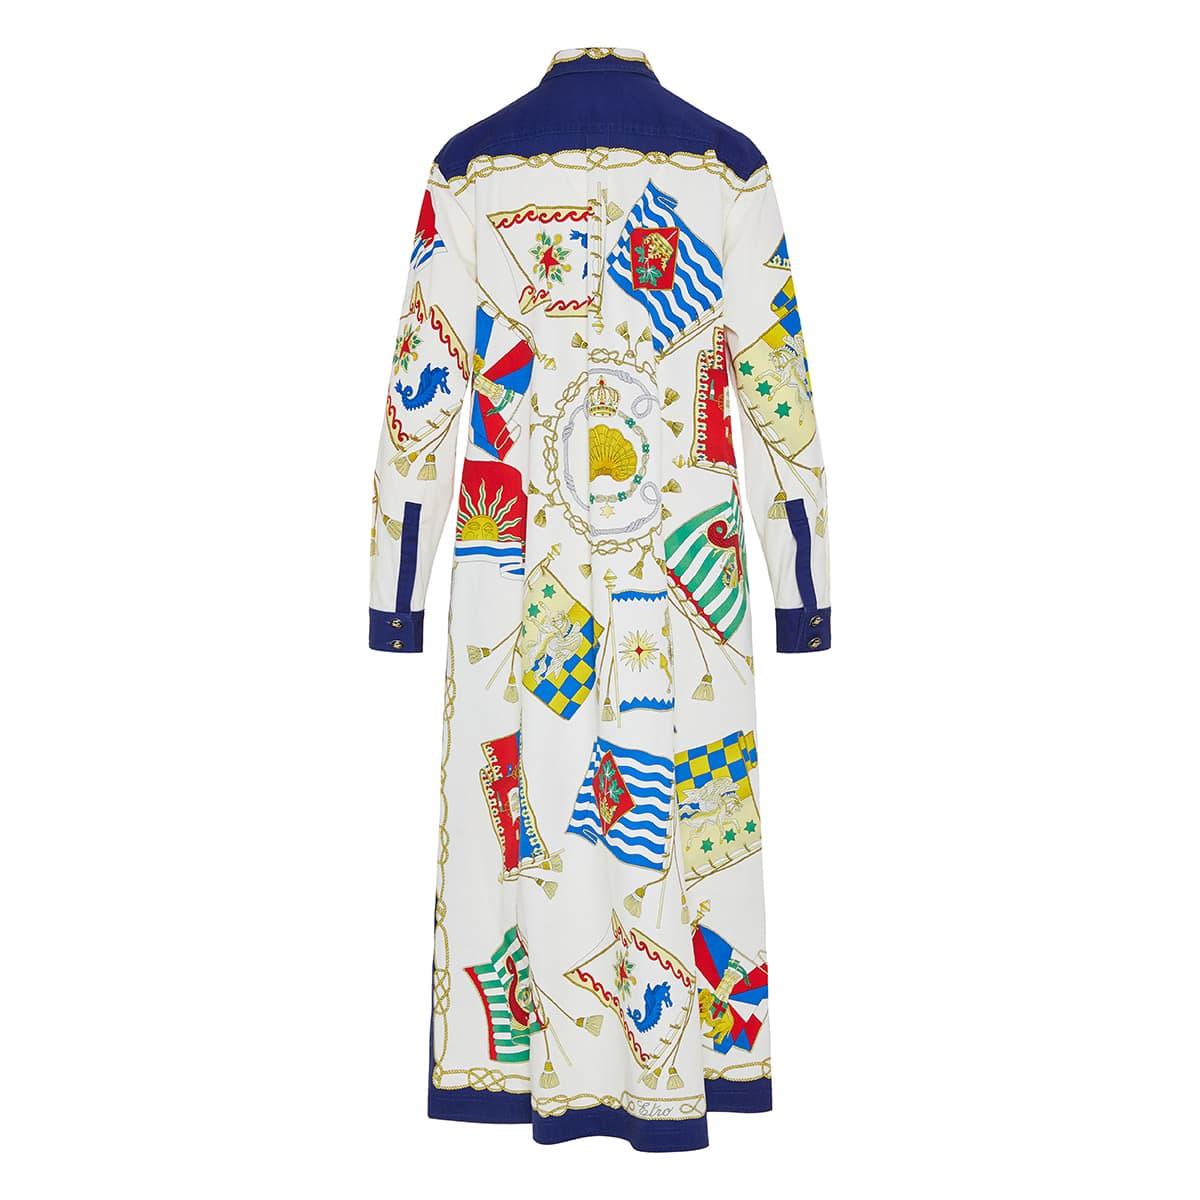 Printed denim shirt dress